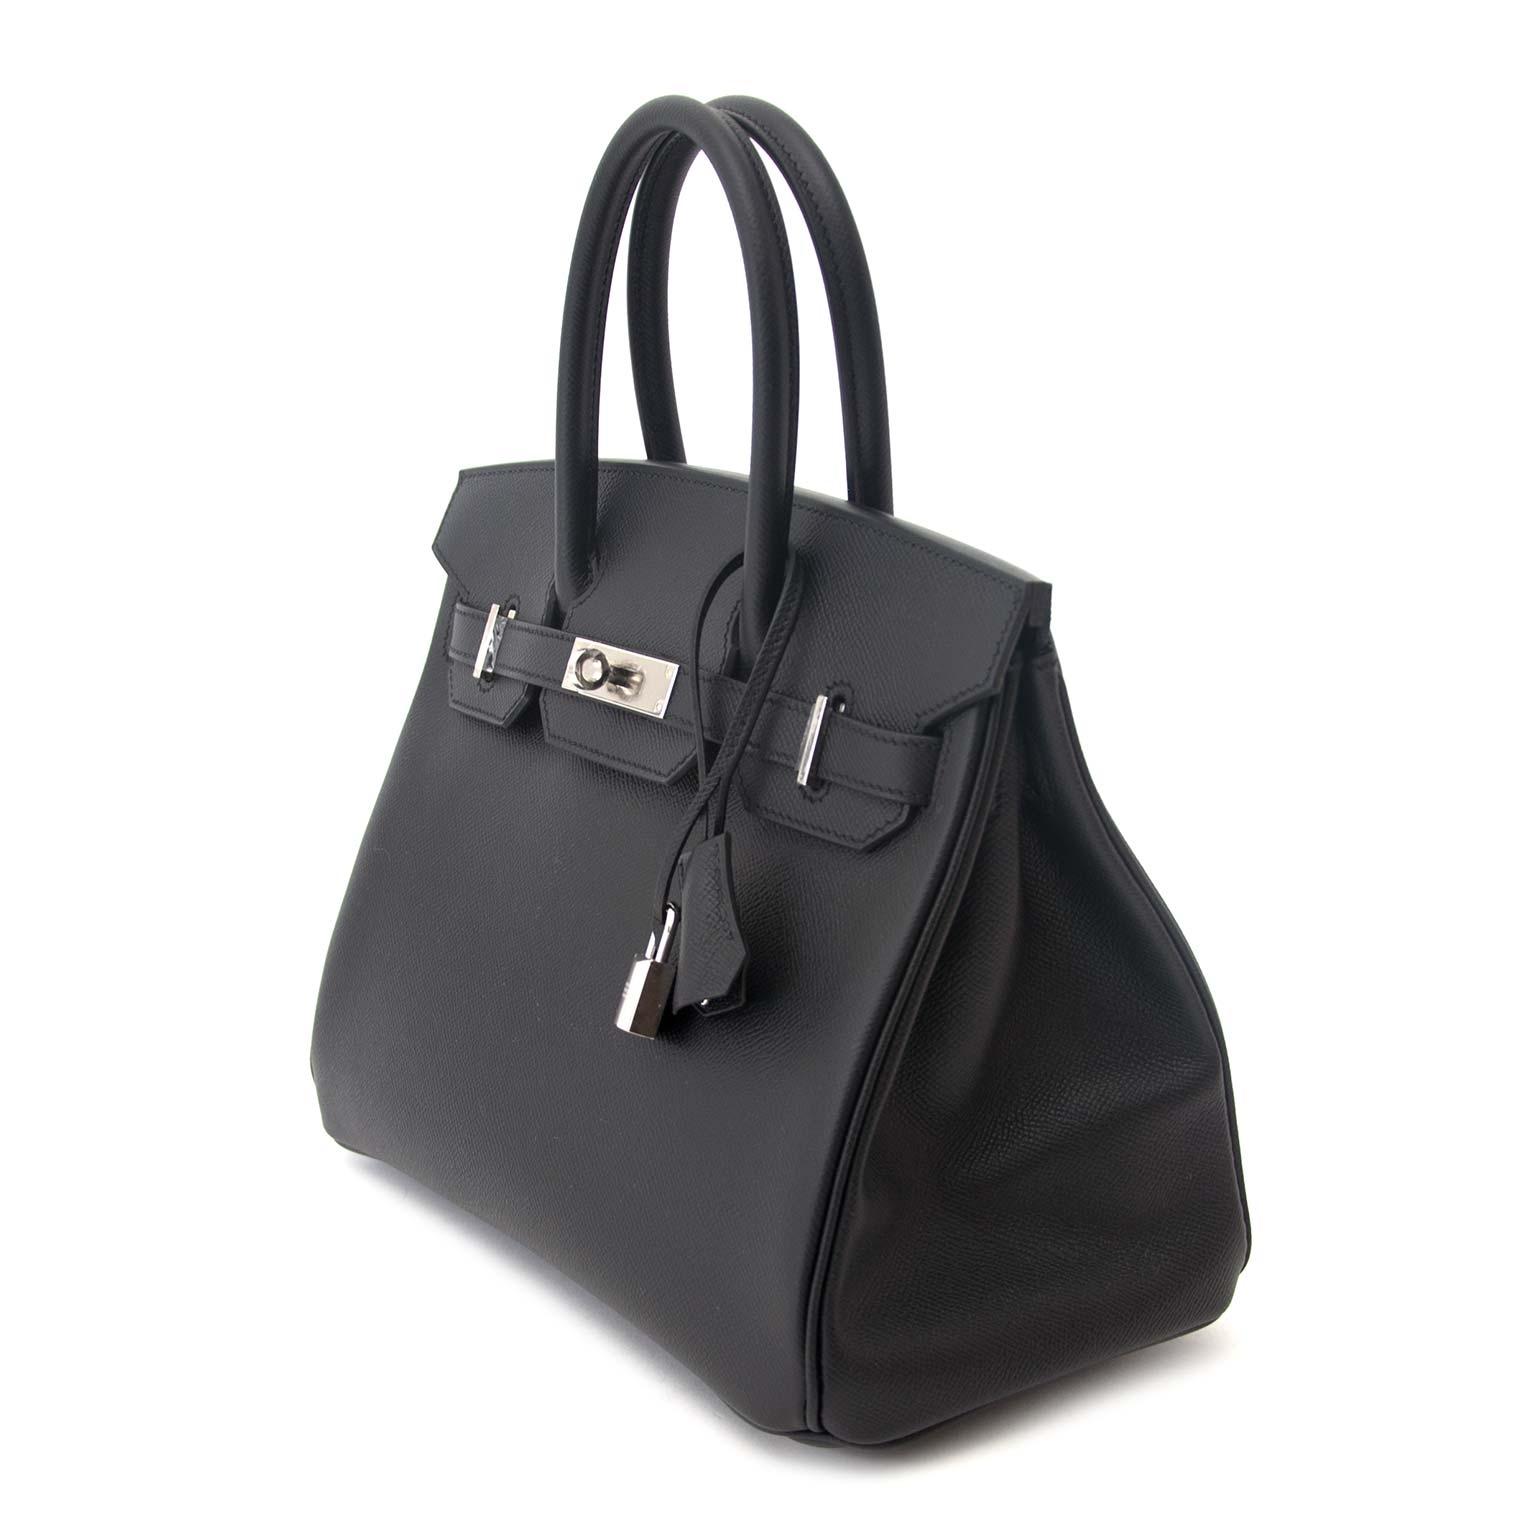 Never Used Hermes Birkin 30 Black Epsom PHW veilig online tweedehands